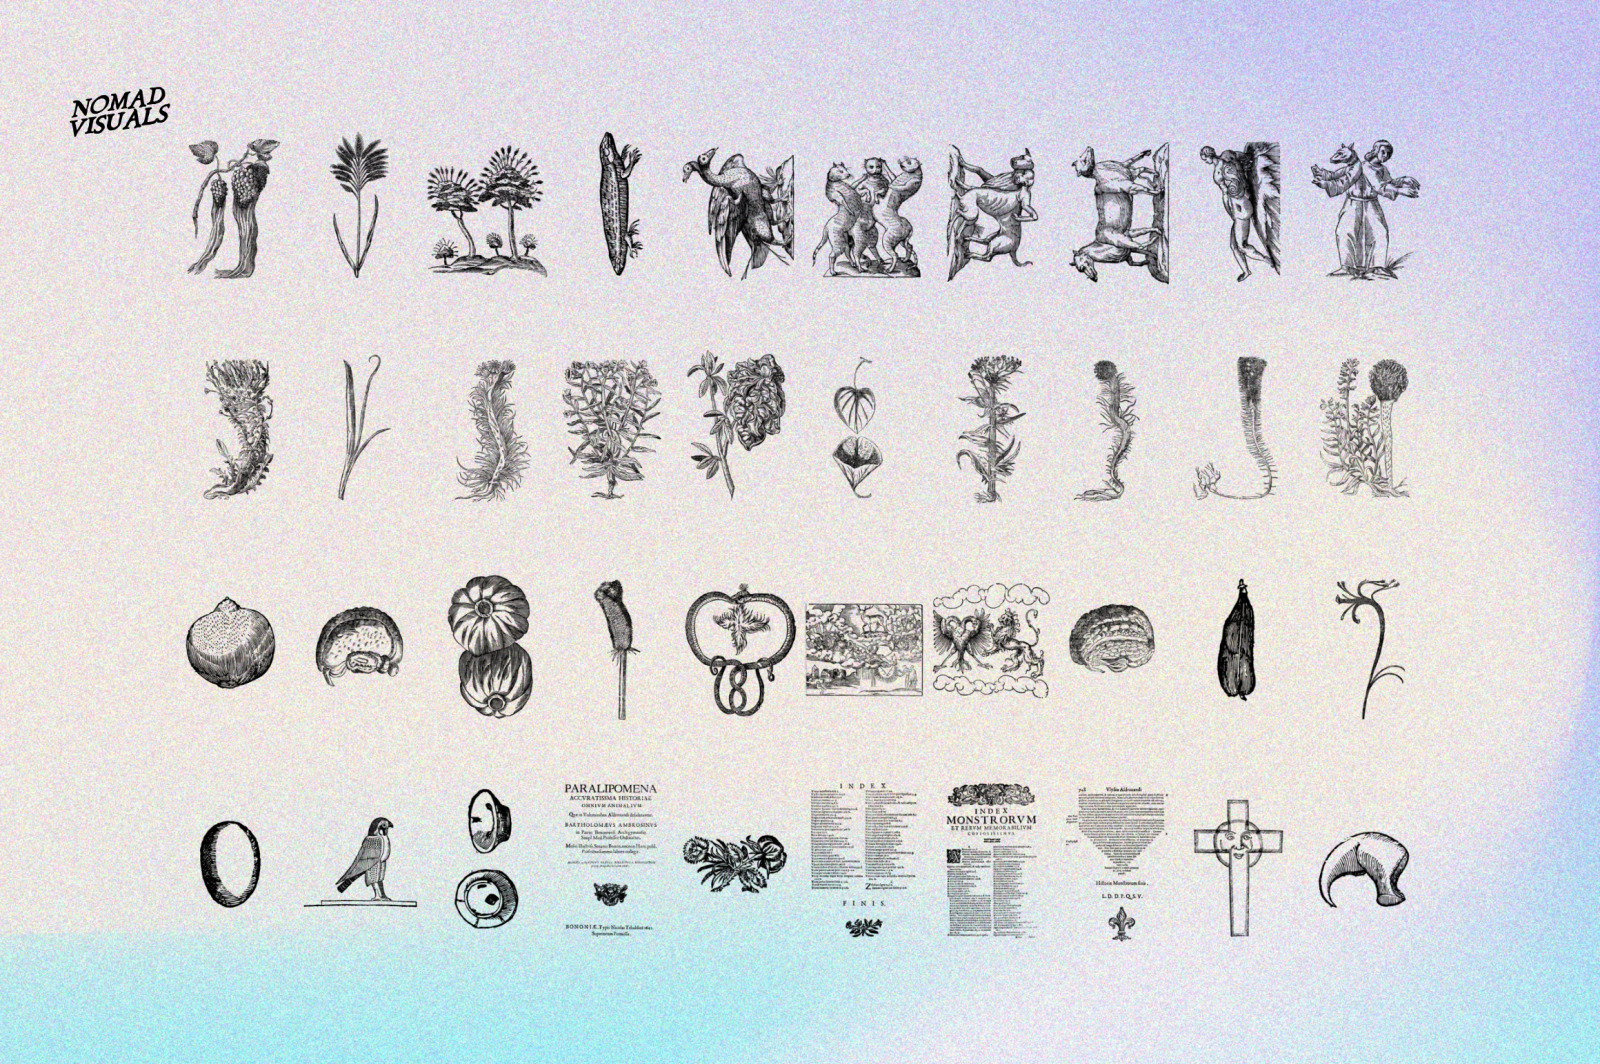 Prodigiorum Naturae - Illustrations